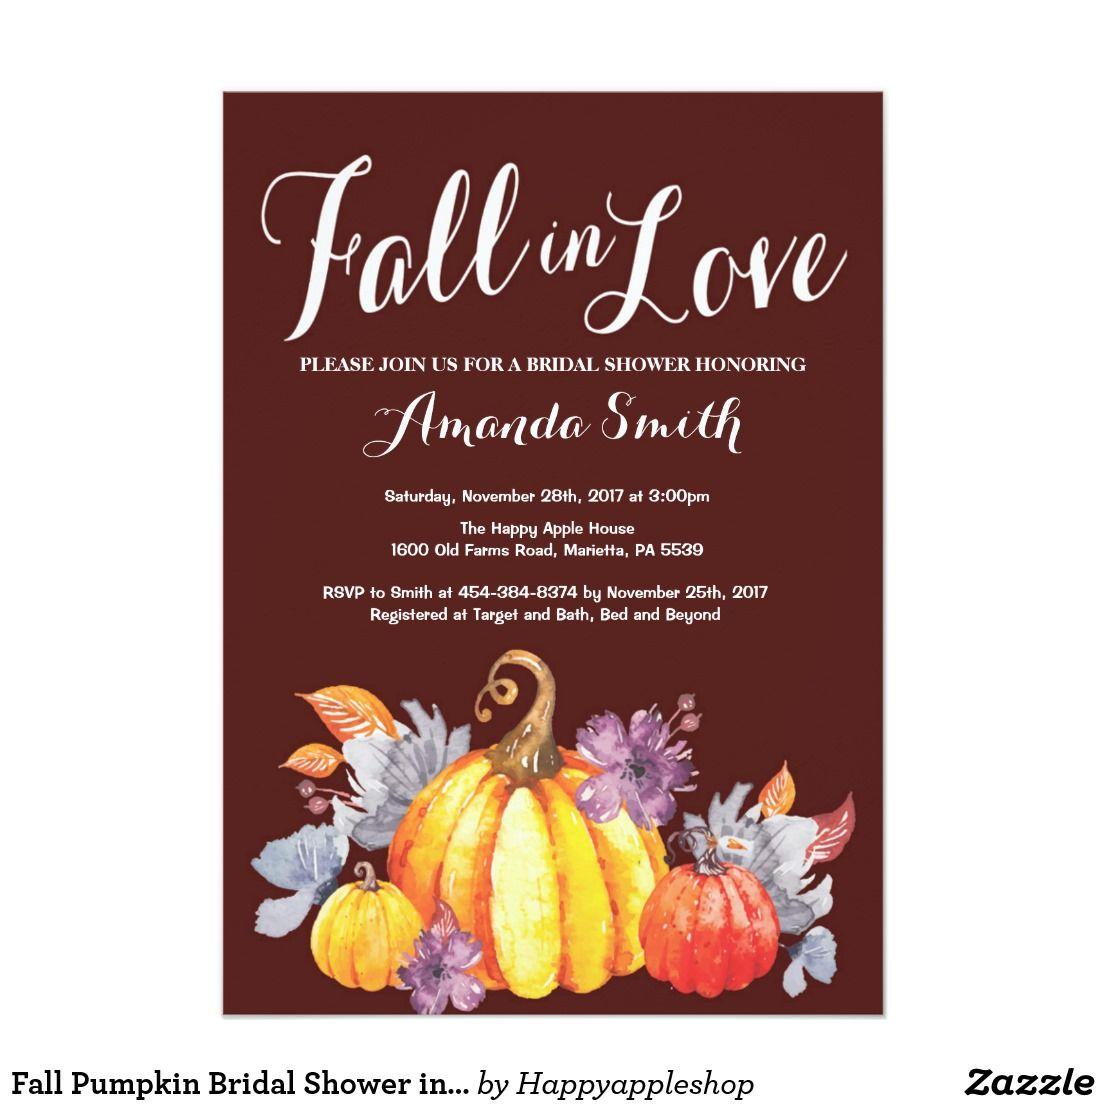 Fall Pumpkin Bridal Shower invitation | Bridal Shower Invitation ...